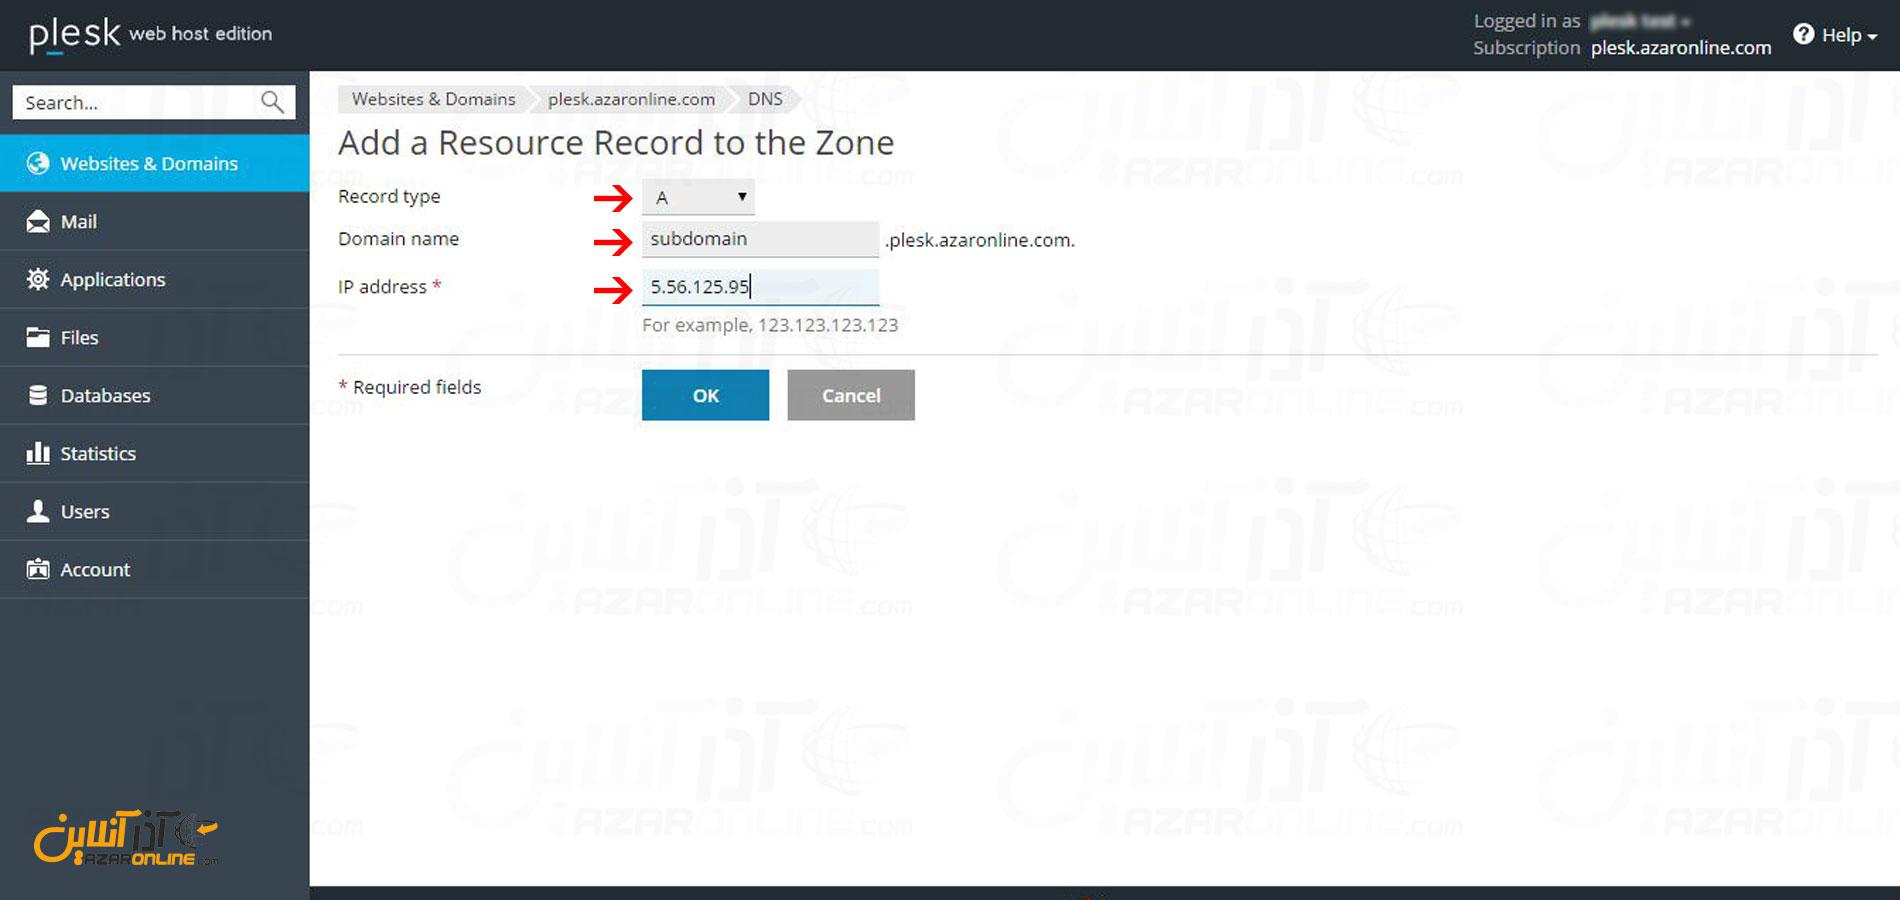 آموزش تنظیم IP برای ساب دومین در پلسک - وارد کردن اطلاعات درخواستی